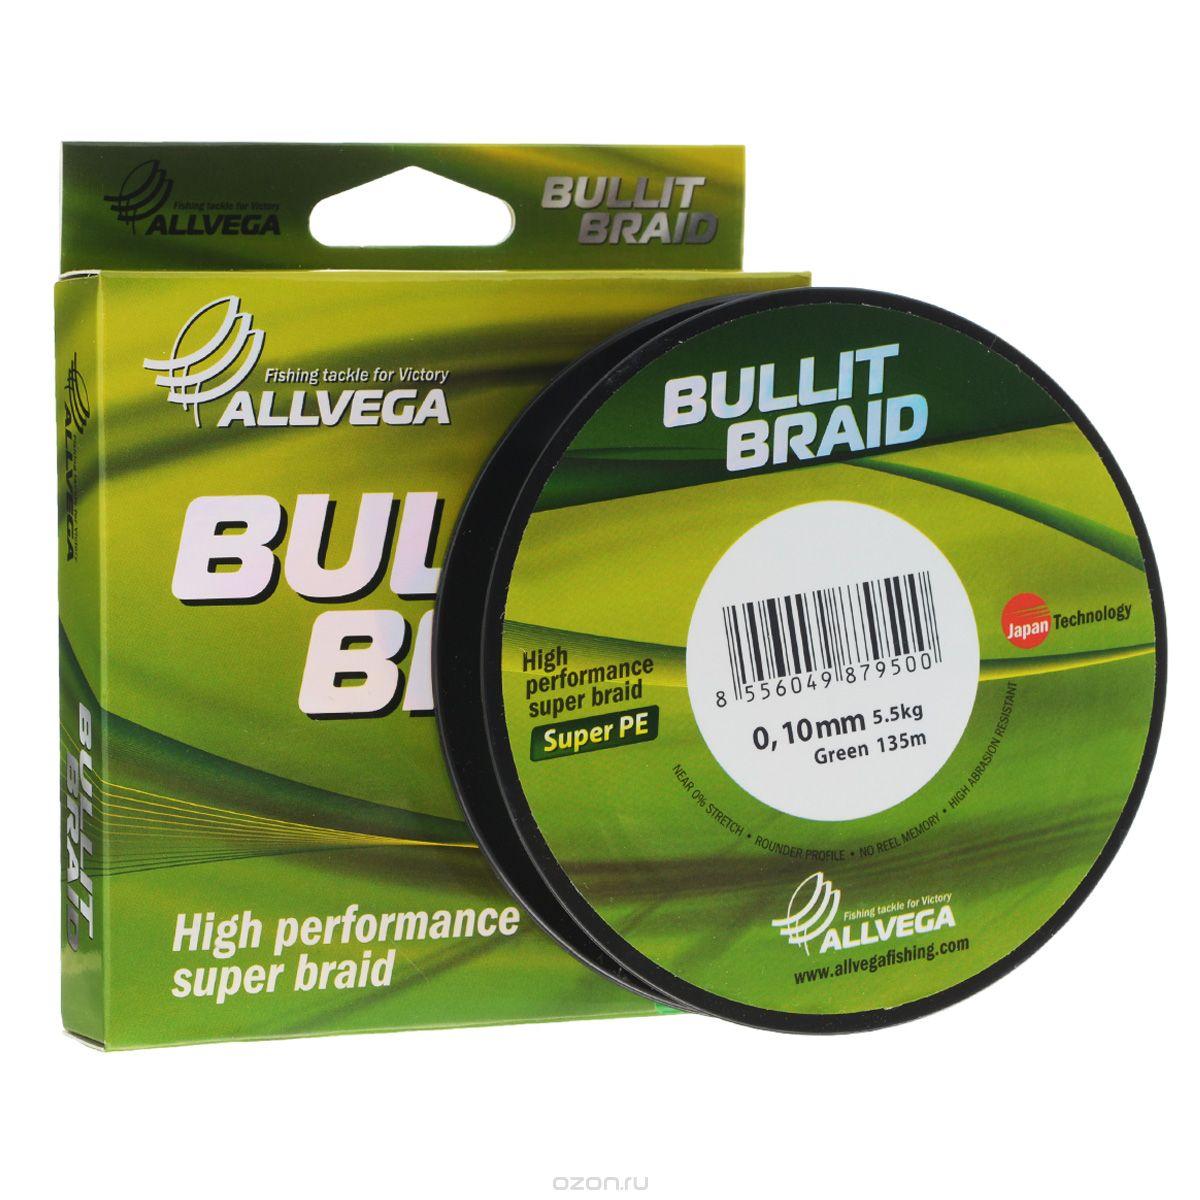 Леска плетеная Allvega Bullit Braid 270м тёмно-зелёный  0.30мм (23,4кг) (89105)Плетеные шнуры<br>Леска Allvega Bullit Braid с гладкой поверхностью и одинаковым сечением по всей длине обладает высокой износостойкостью. Благодаря микроволокнам полиэтилена (Super PE) леска имеет очень плотное плетение и не впитывает воду. Леску Allvega Bullit Braid ...<br>